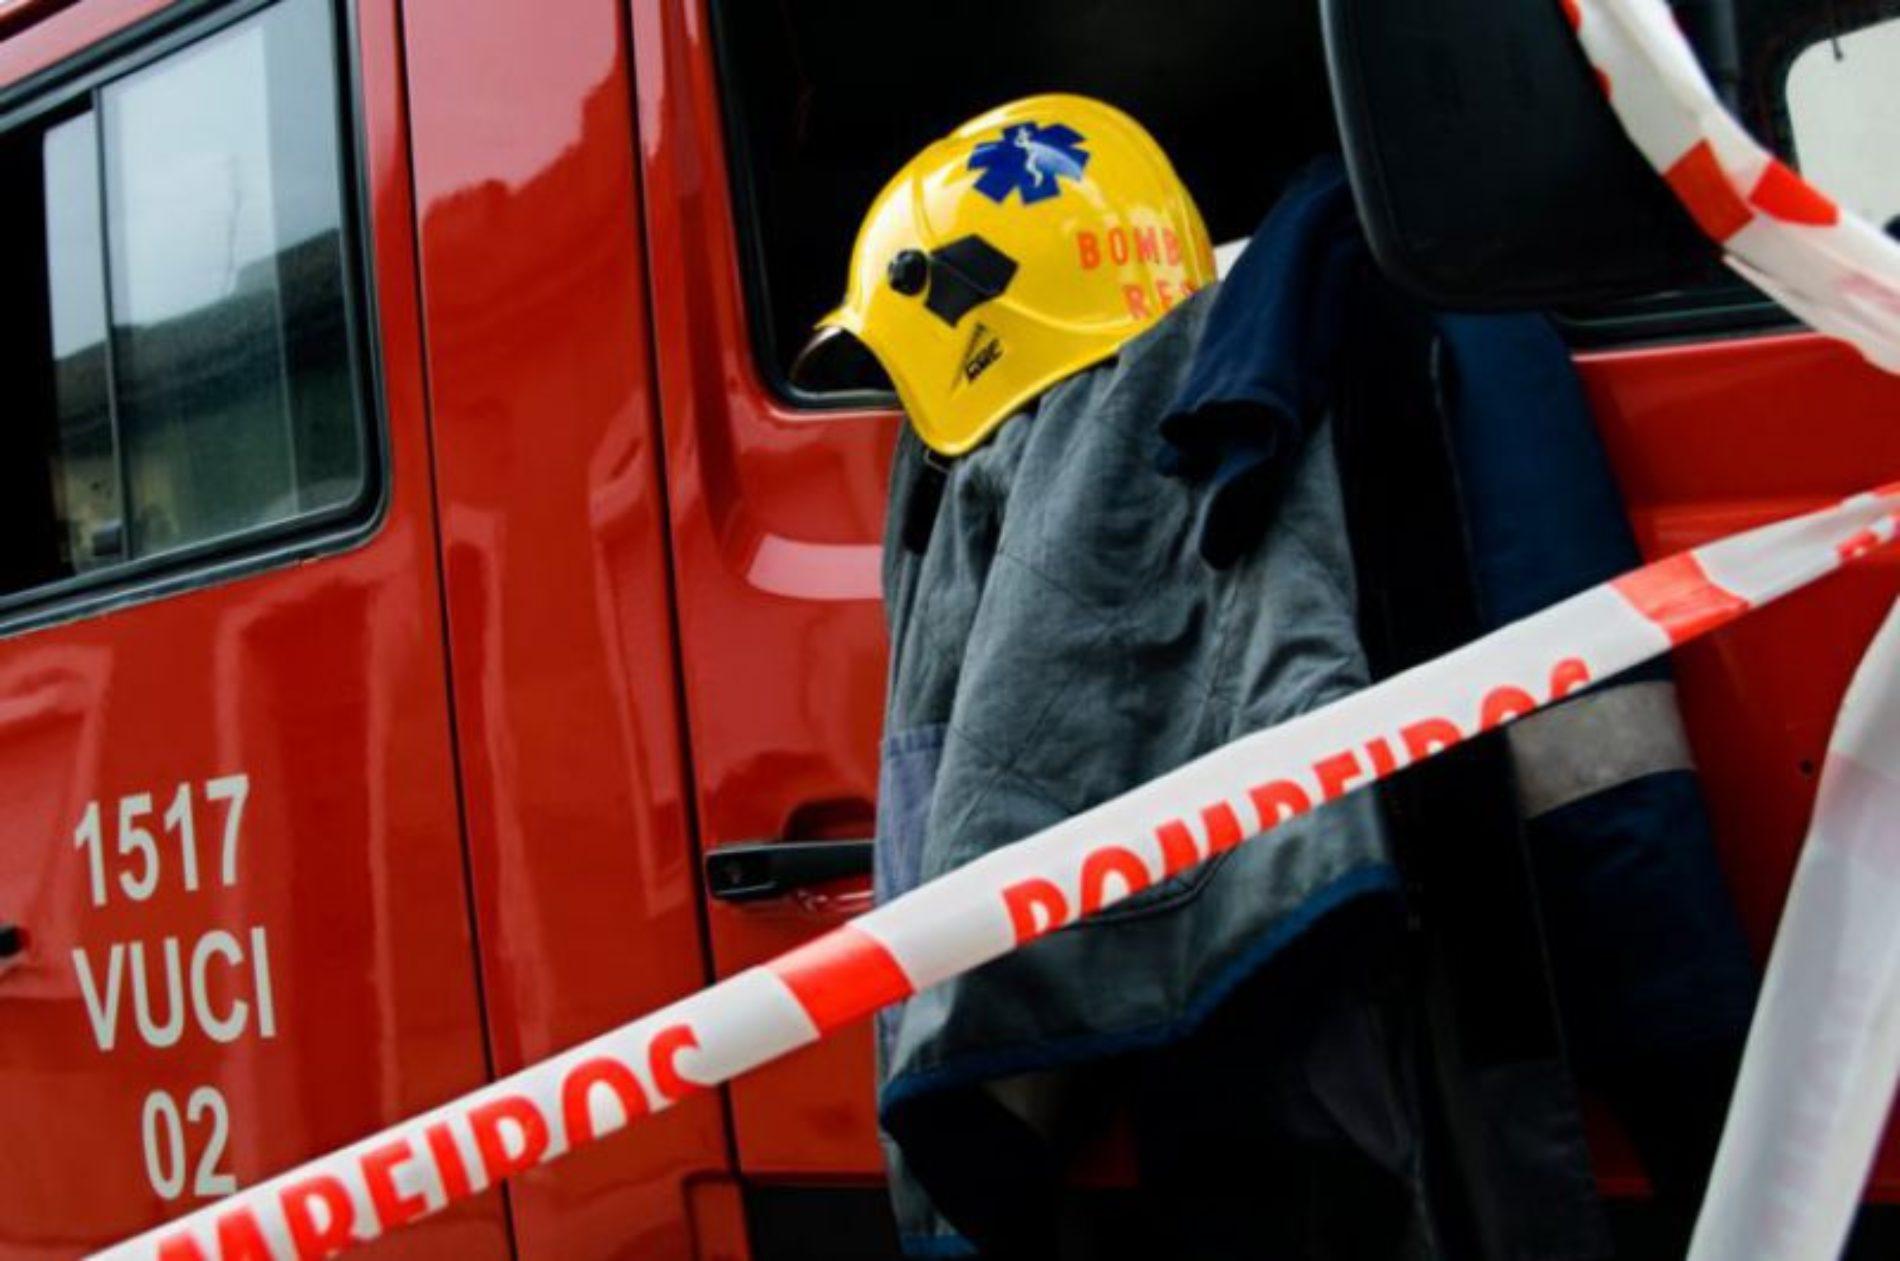 Figueira da Foz: Seis pessoas resgatadas de praia devido a proximidade de incêndio